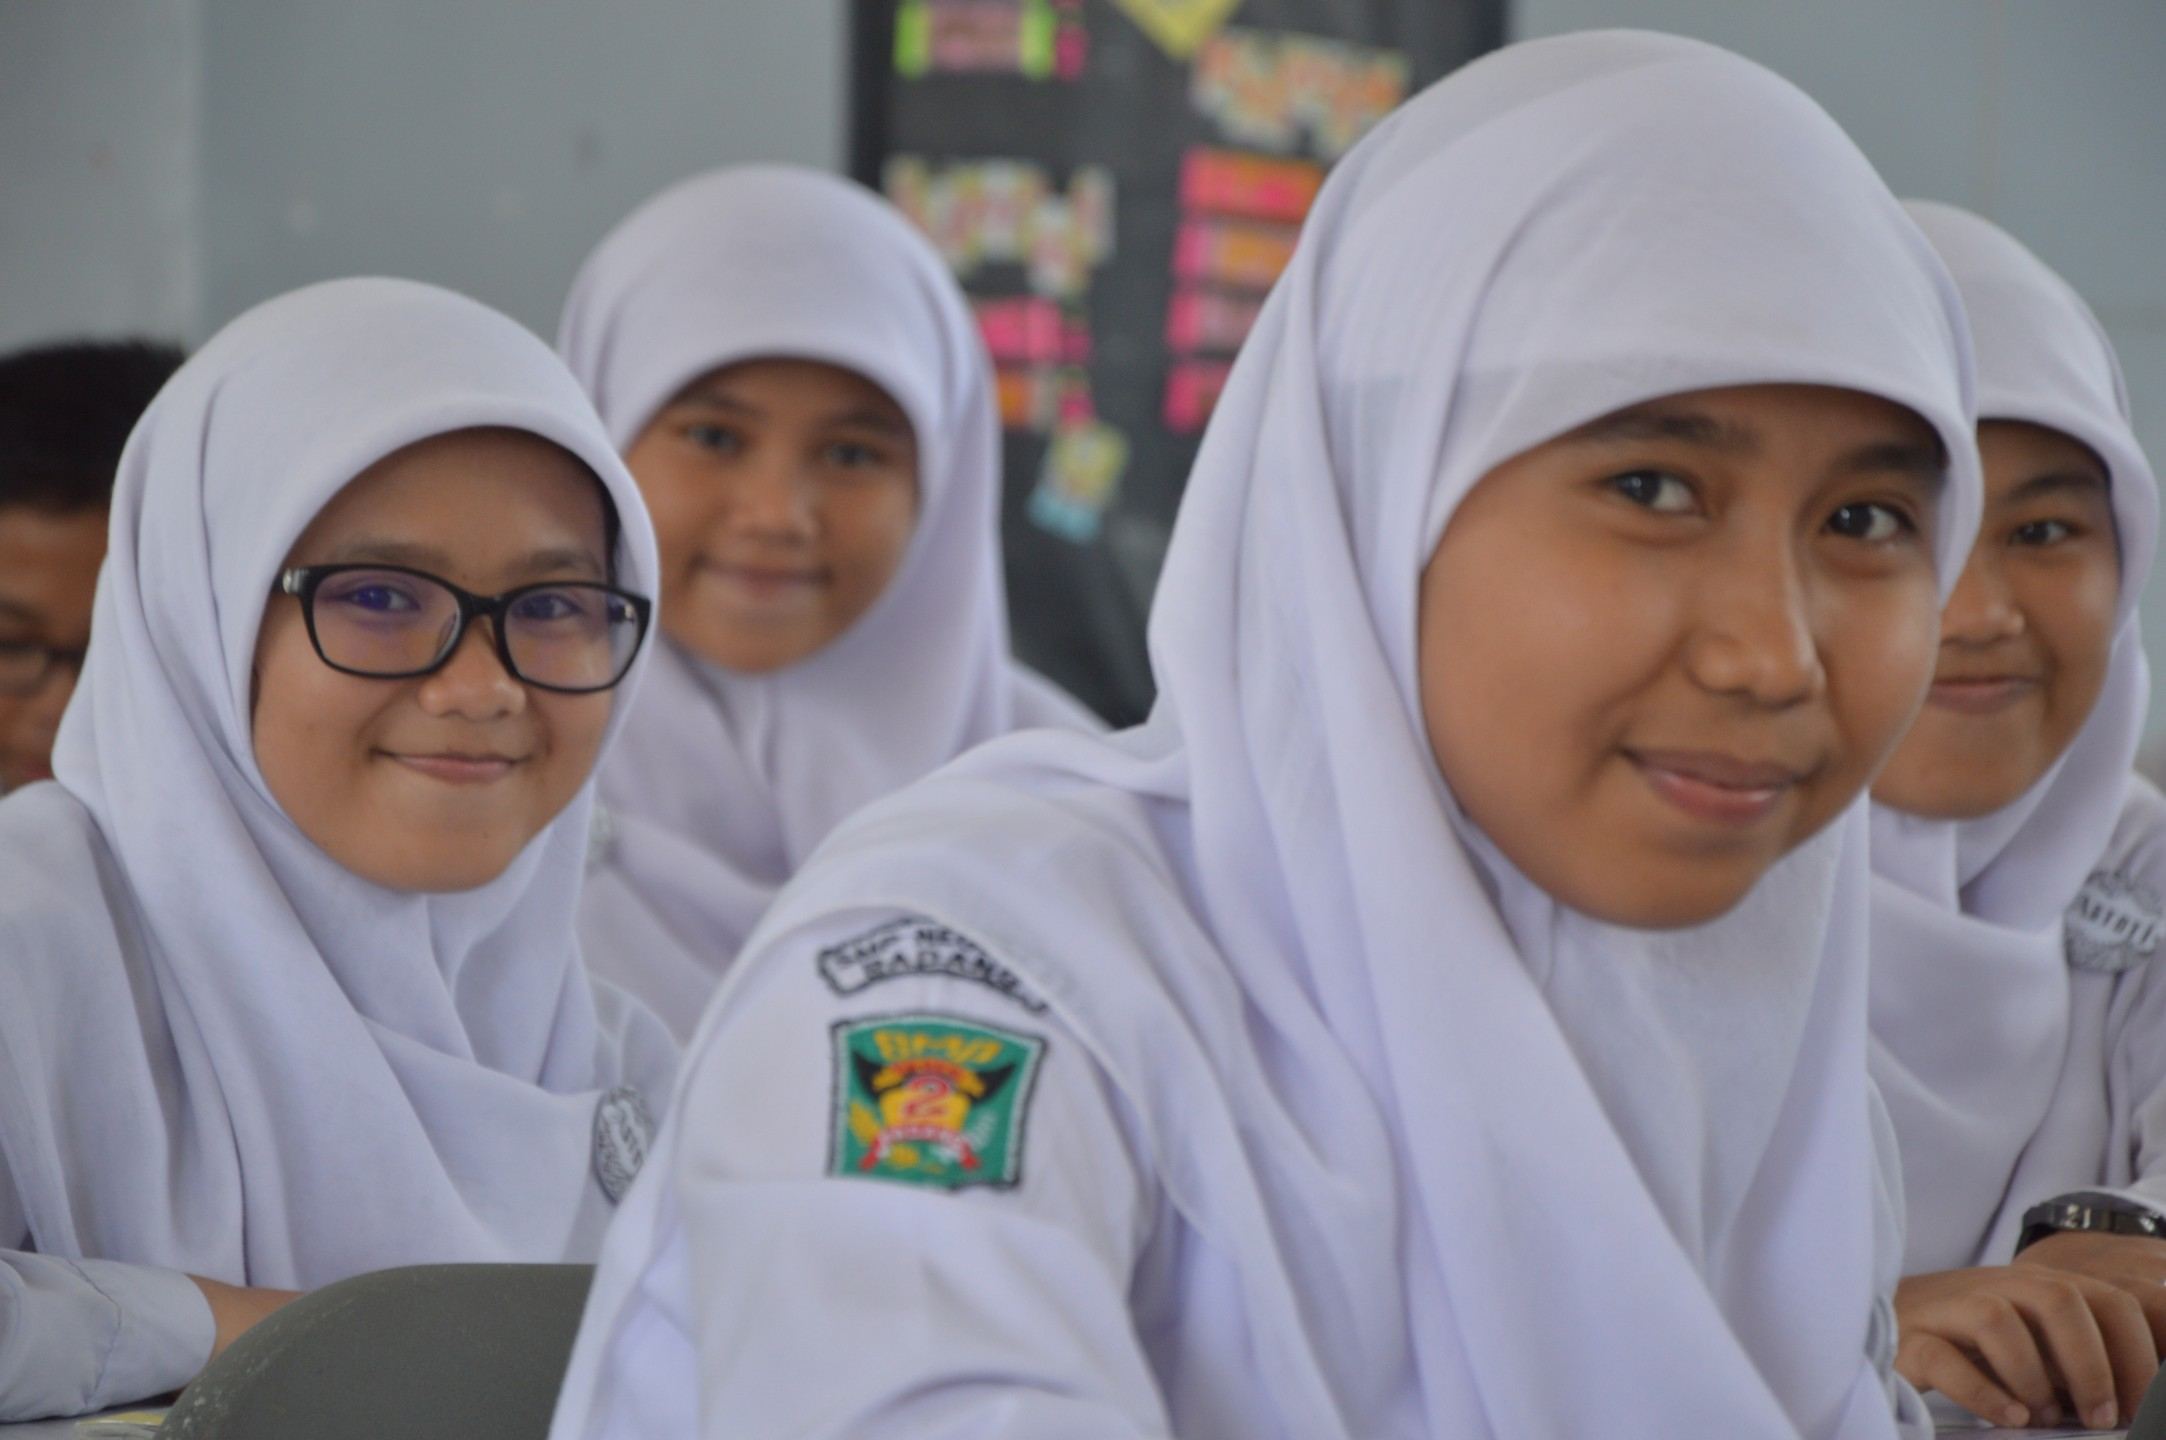 Meisjes op school moeten verplicht hoofddoek dragen in Atjeh